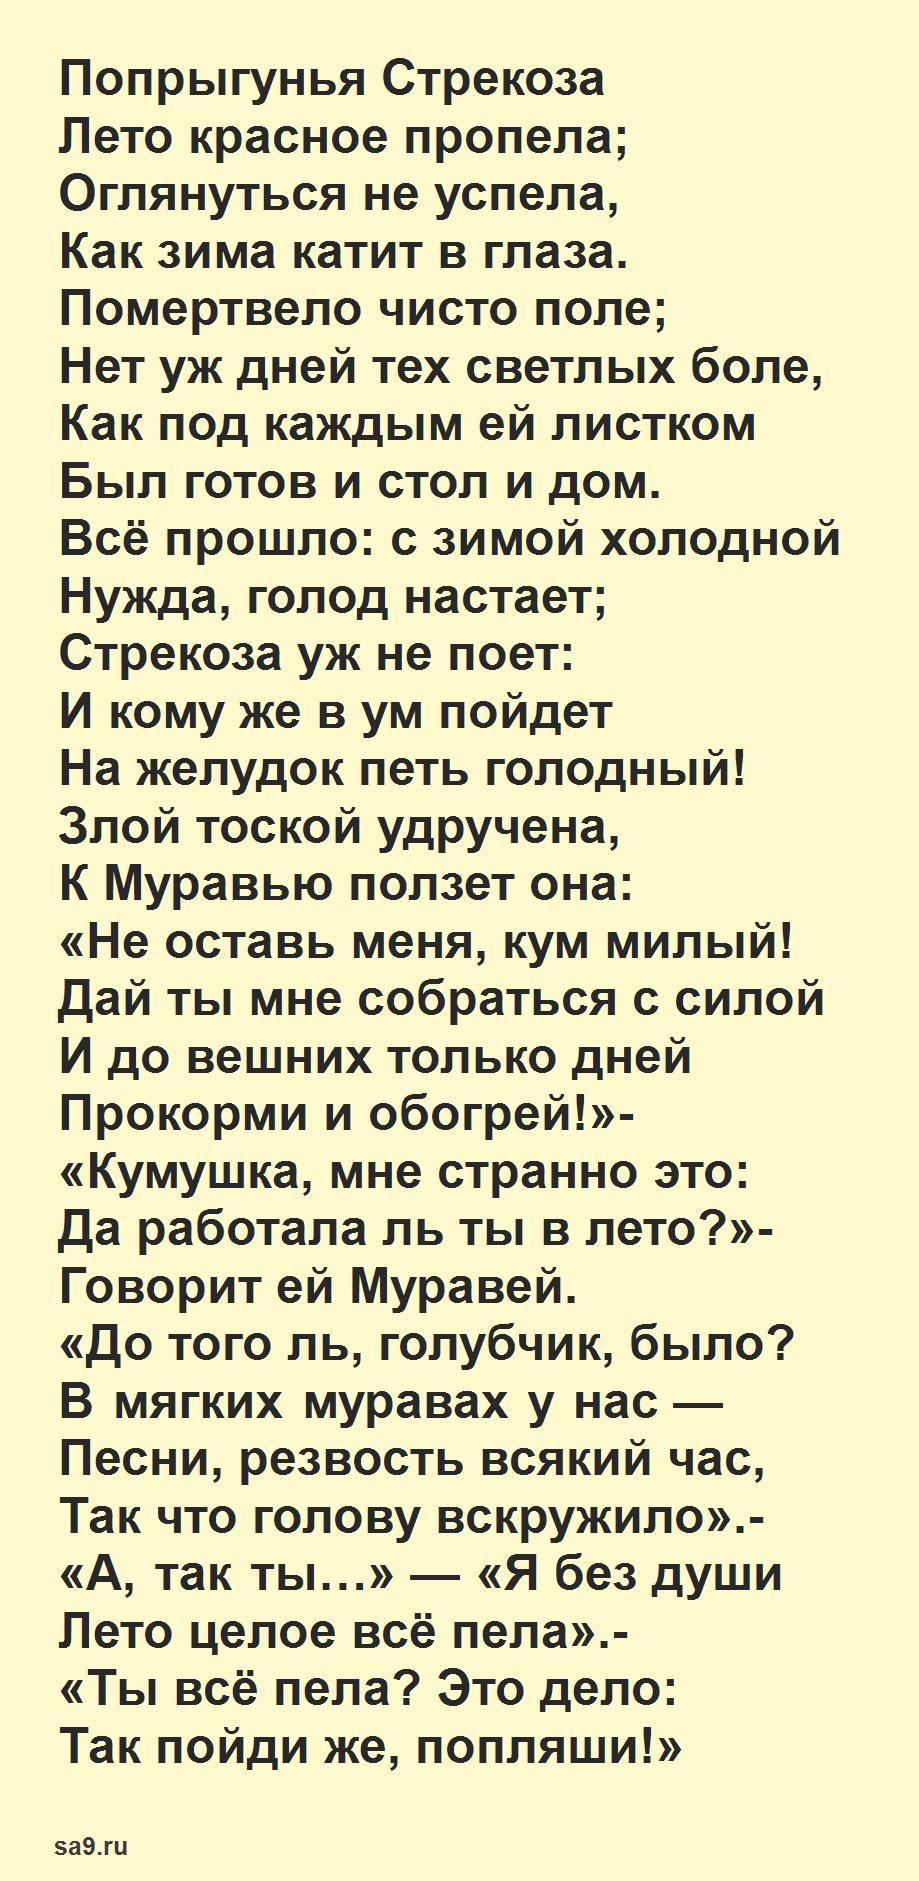 Басня 'Стрекоза и Муравей', текст басни читать полностью